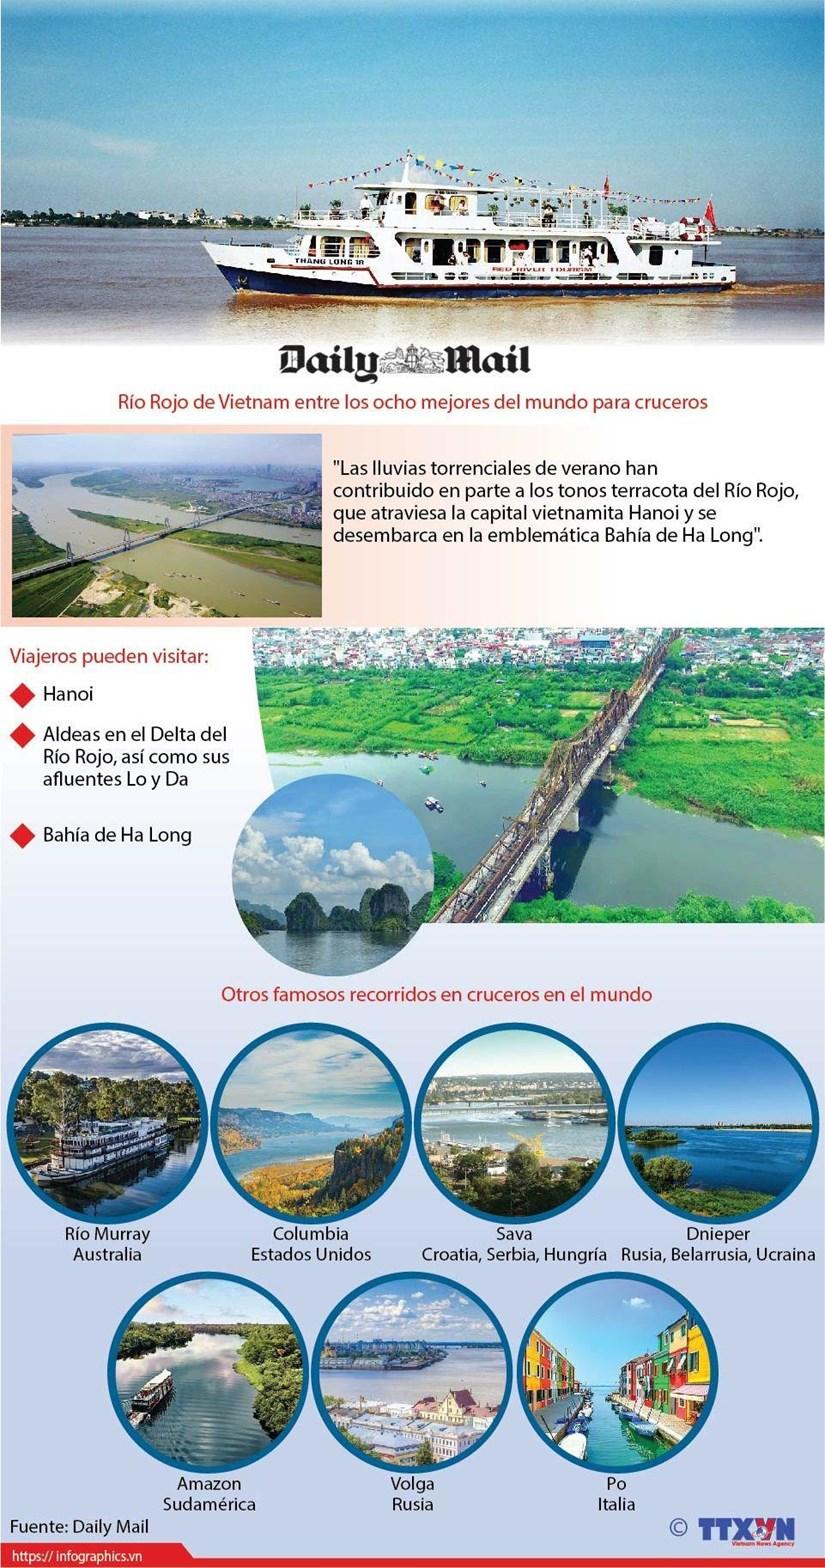 [Info] Destacan al rio Rojo de Vietnam entre los ocho mejores del mundo para cruceros hinh anh 1